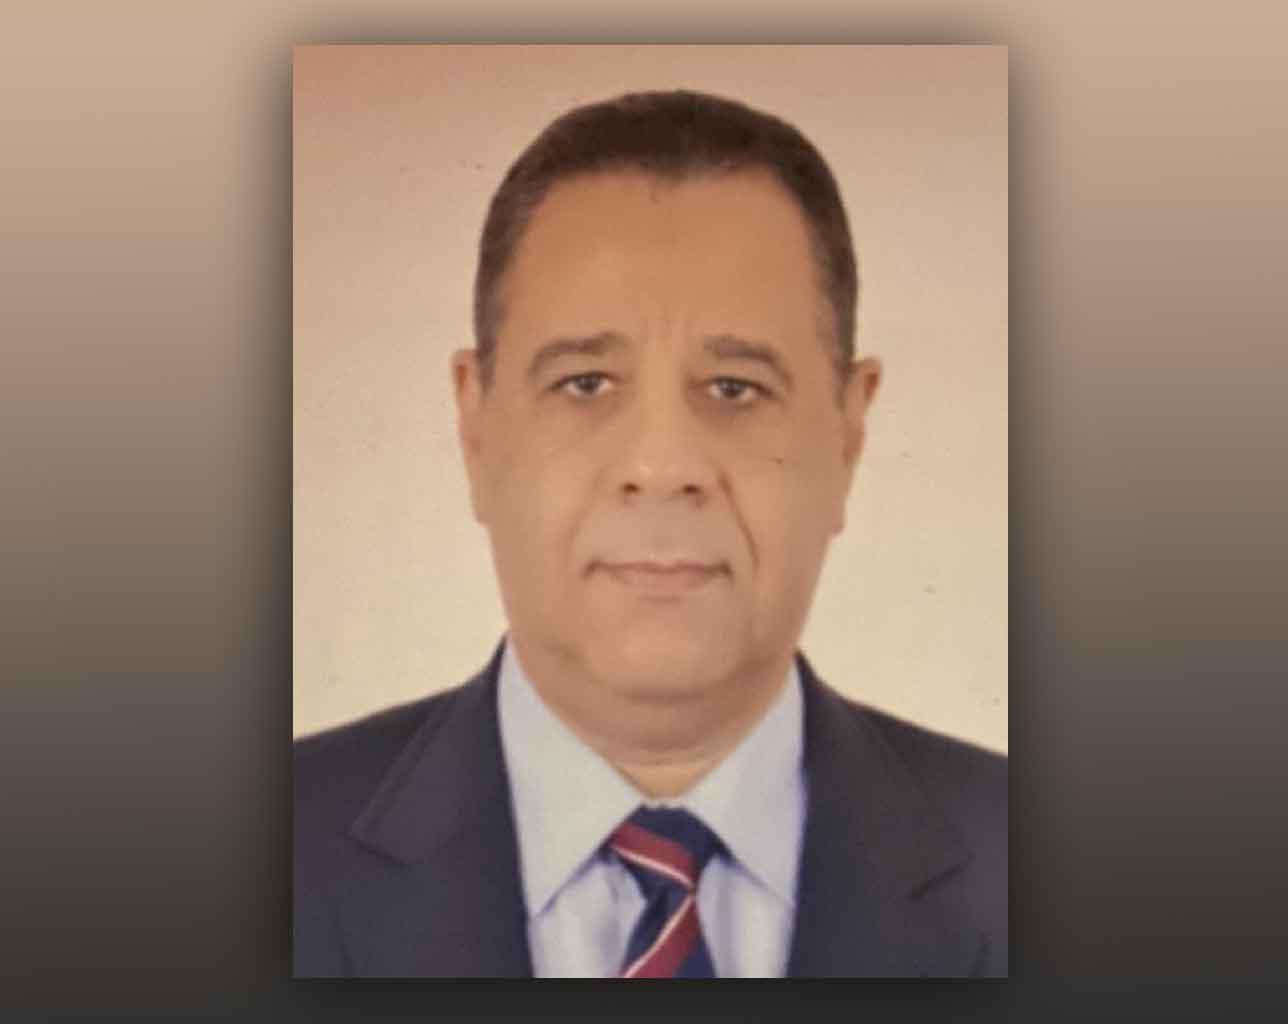 أ.د. عمر الحسيني عميدًا لكلية الهندسة جامعة عين شمس